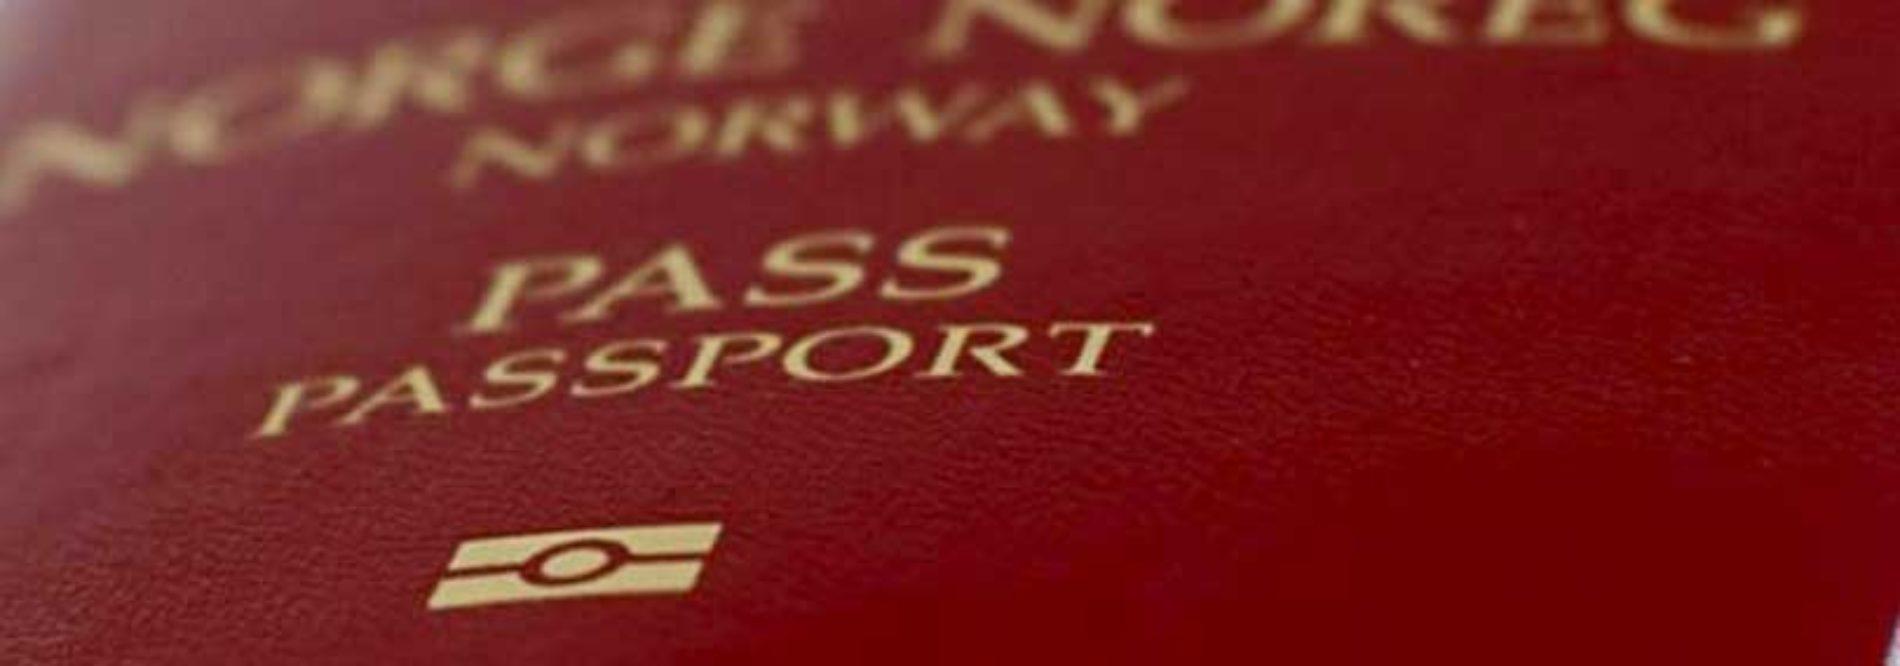 Fornyelse av pass på Gran Canaria